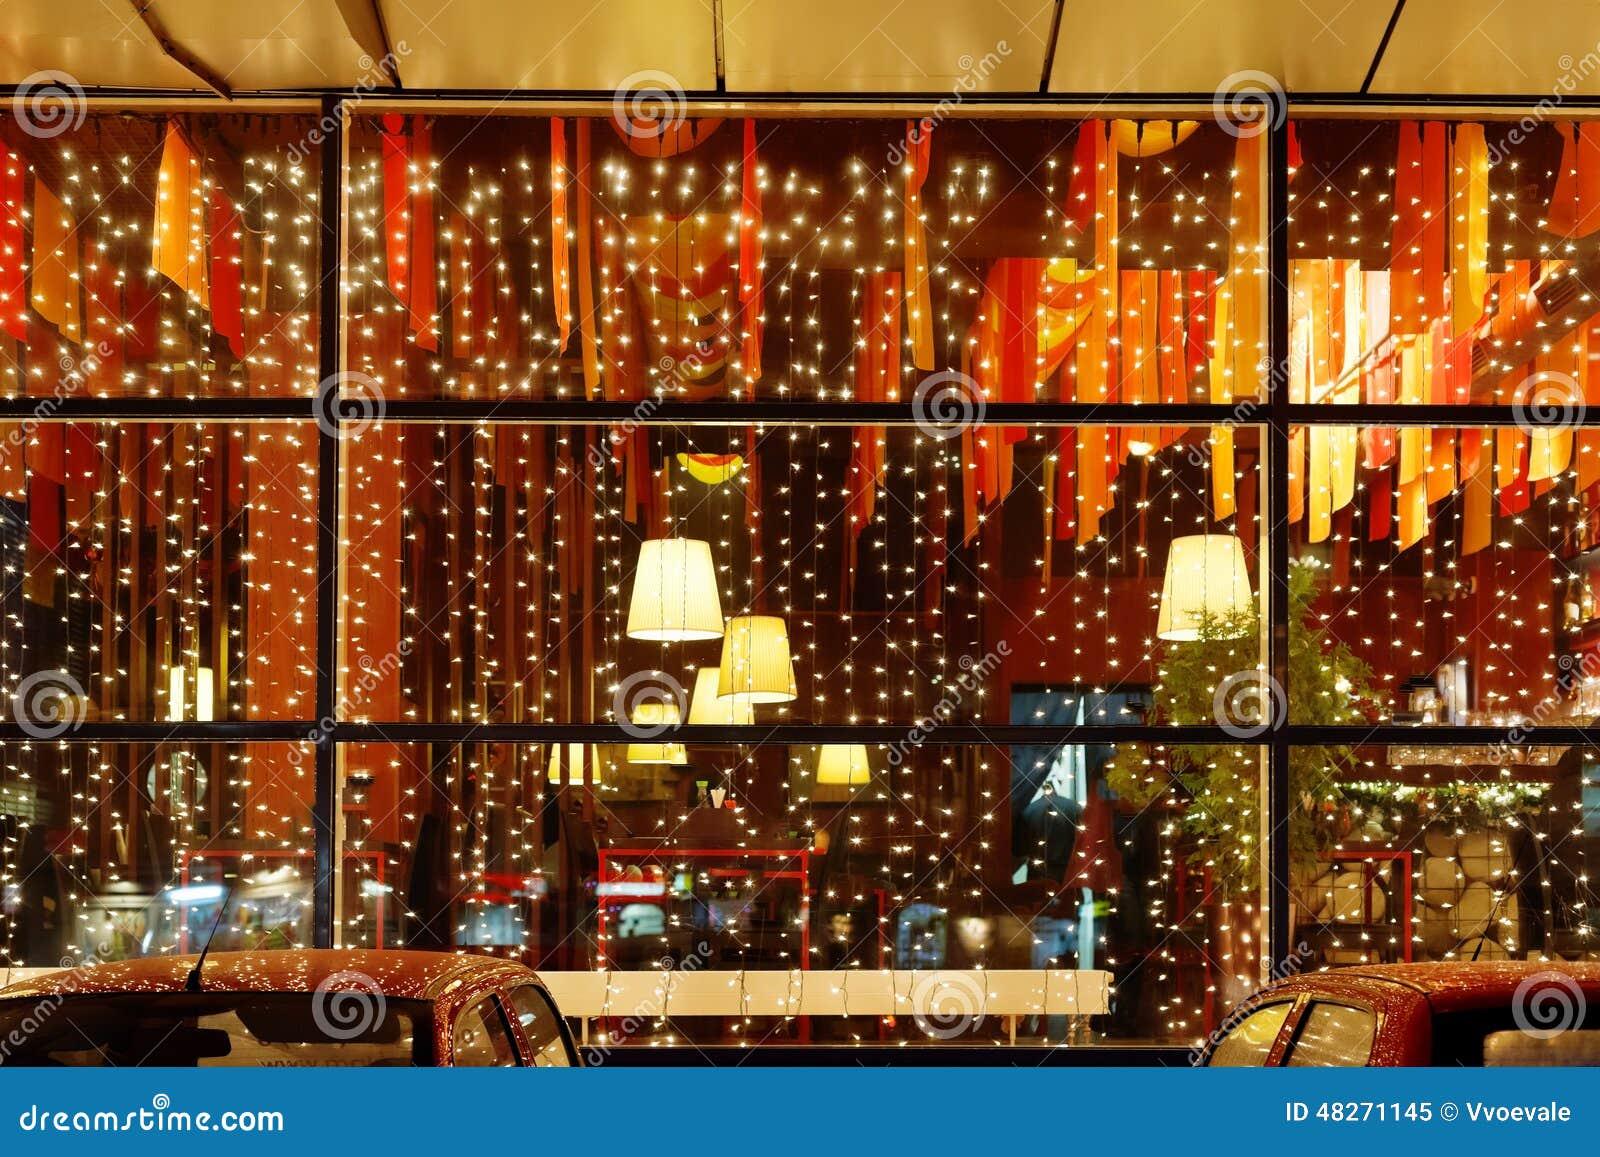 Illuminazione Esterna Natale : Illuminazione di natale della finestra del ristorante immagine